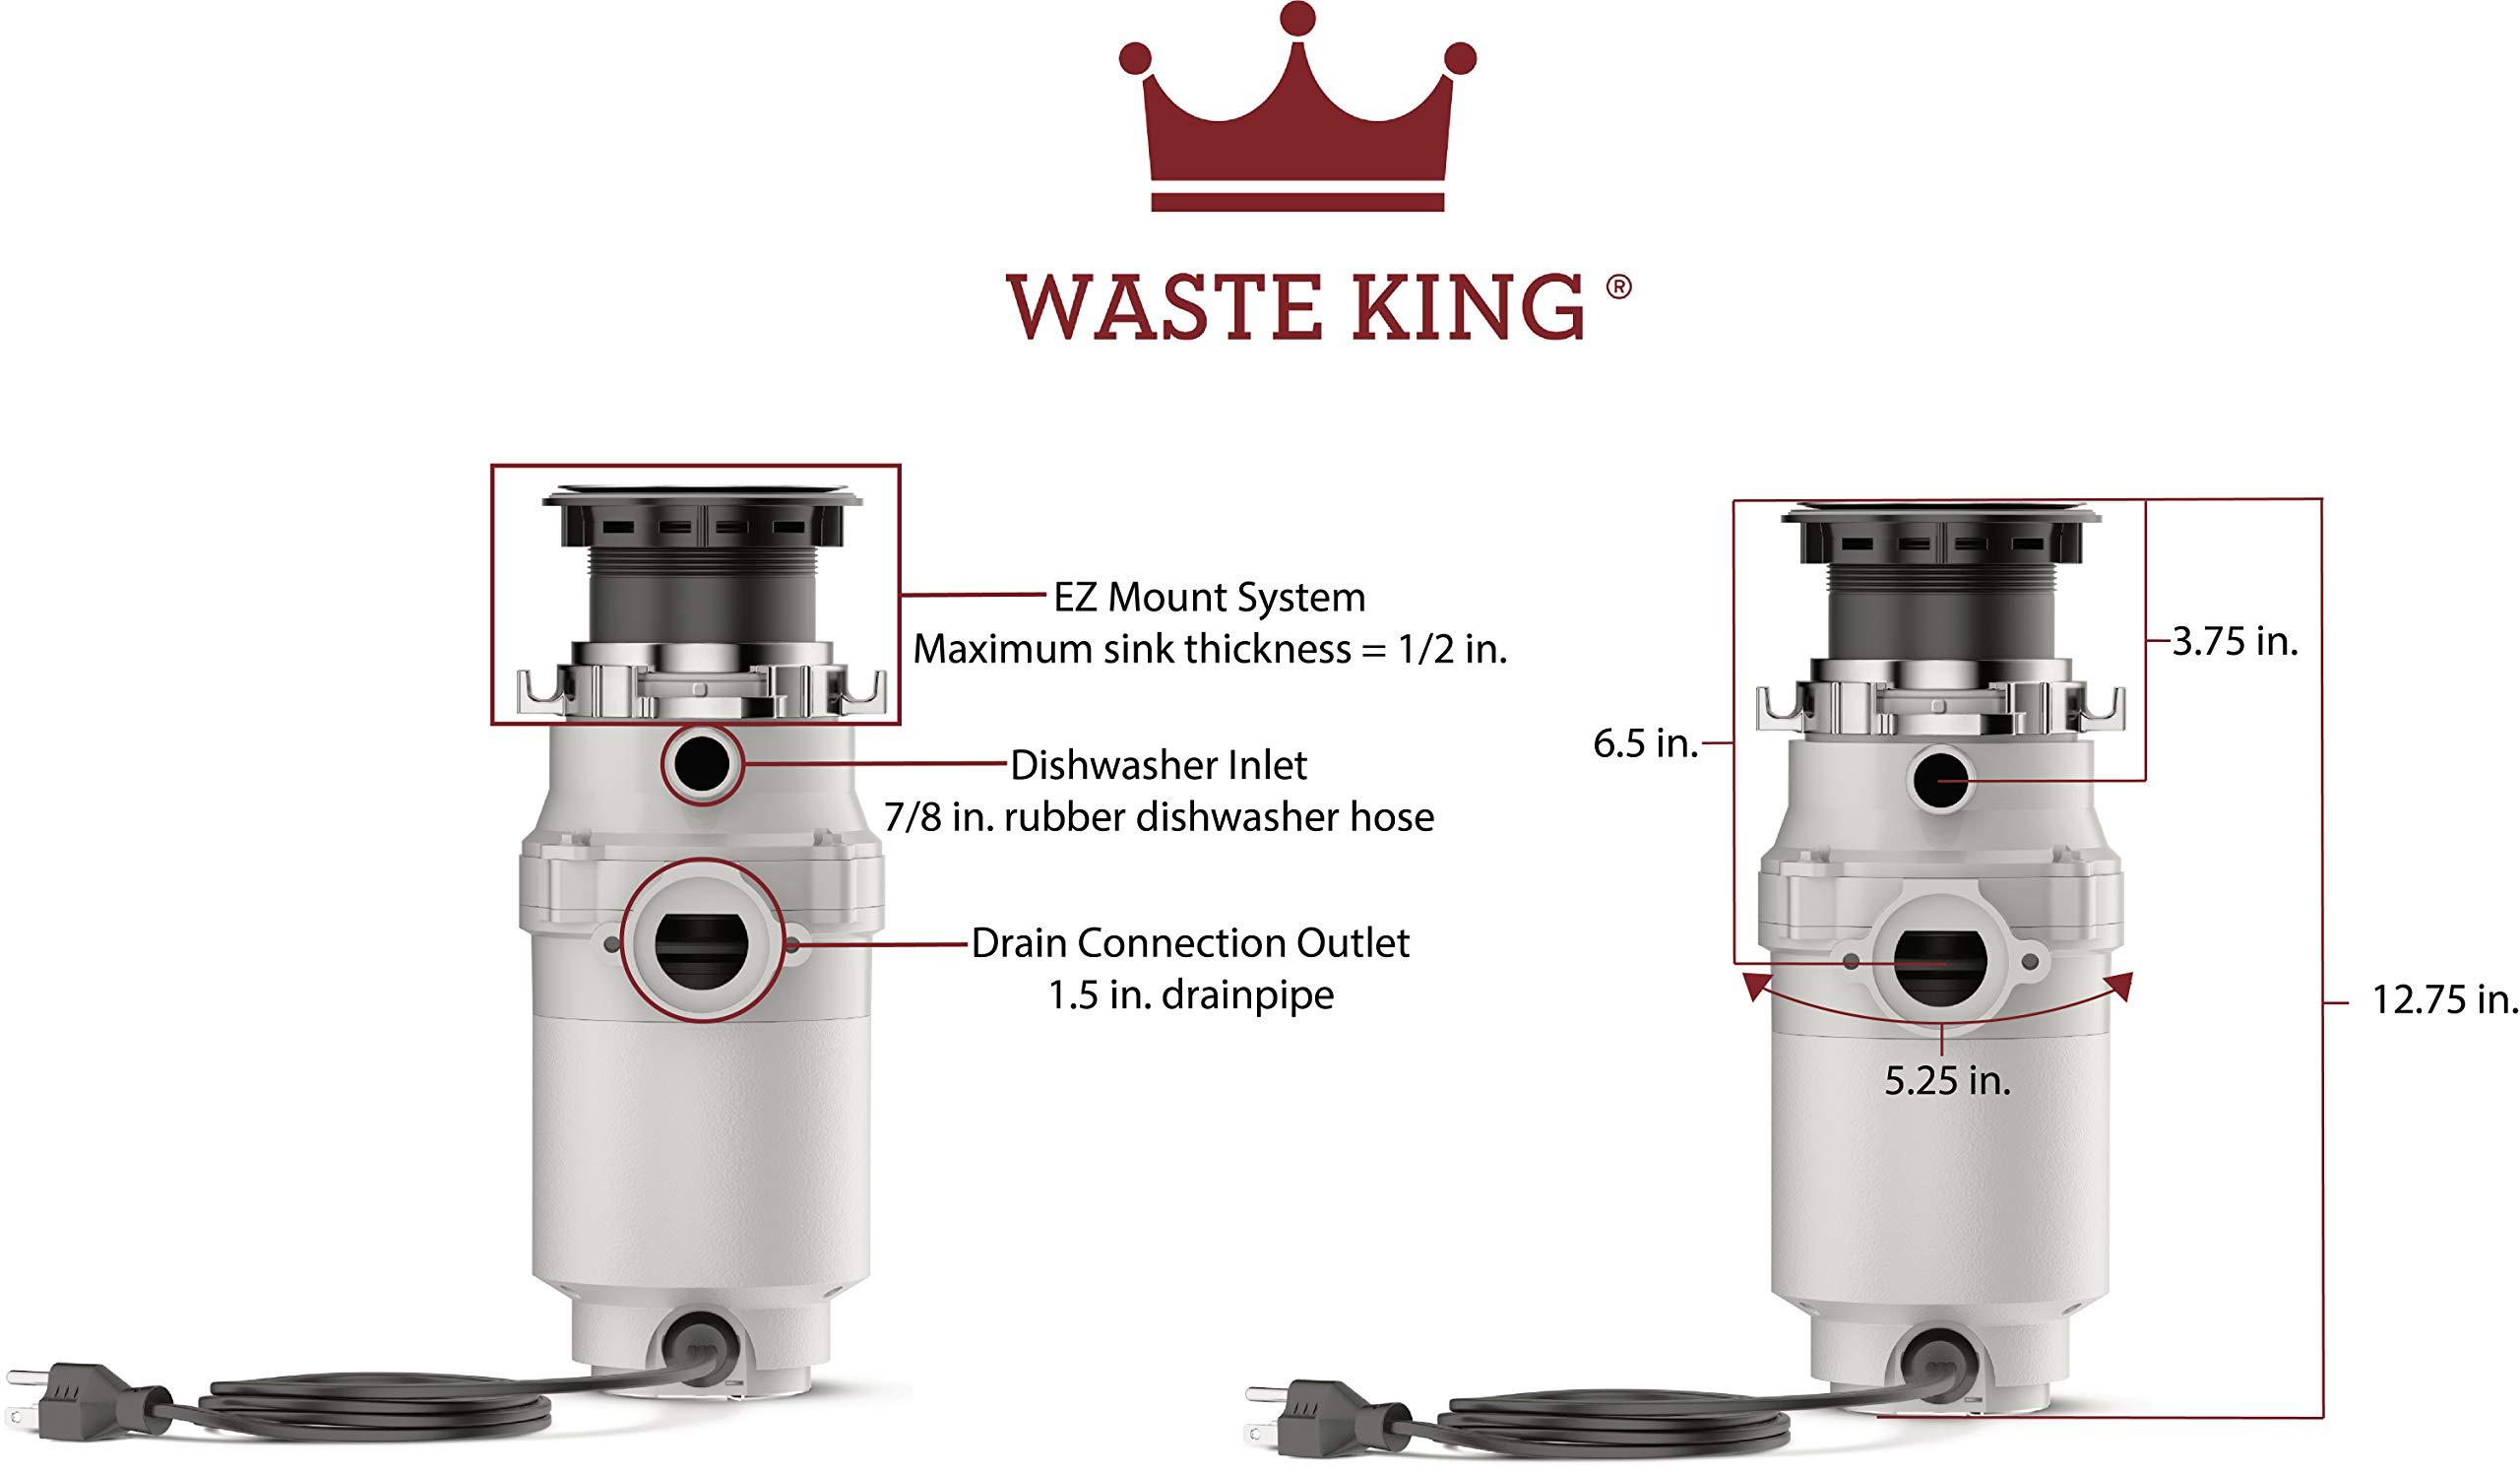 Waste King L-111 Garbage Disposal Multi